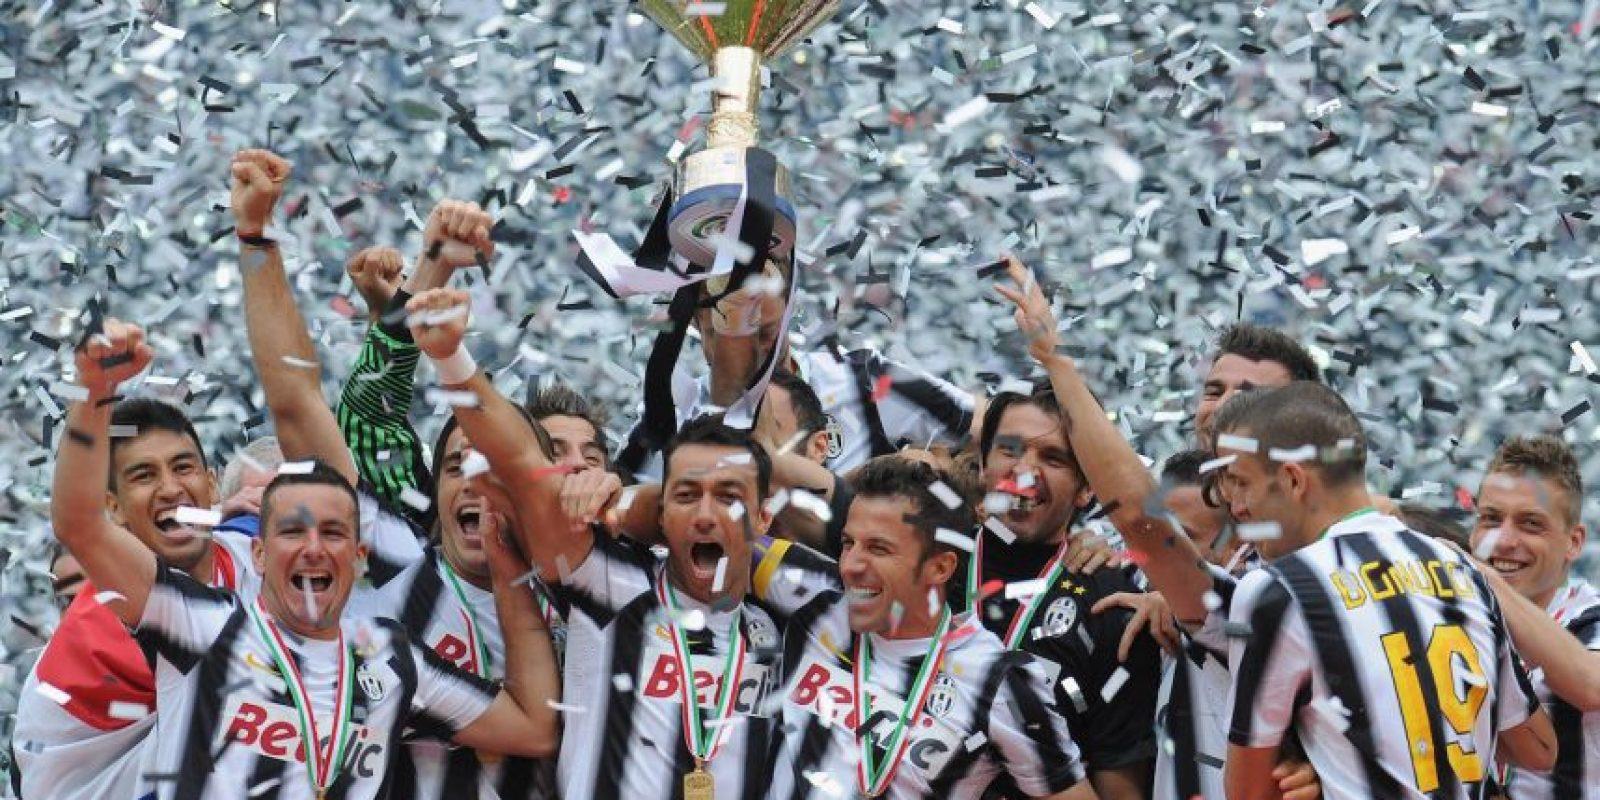 En 2011-2012 ganaron su primer título, después de nueve años de sequía. Foto:Getty Images